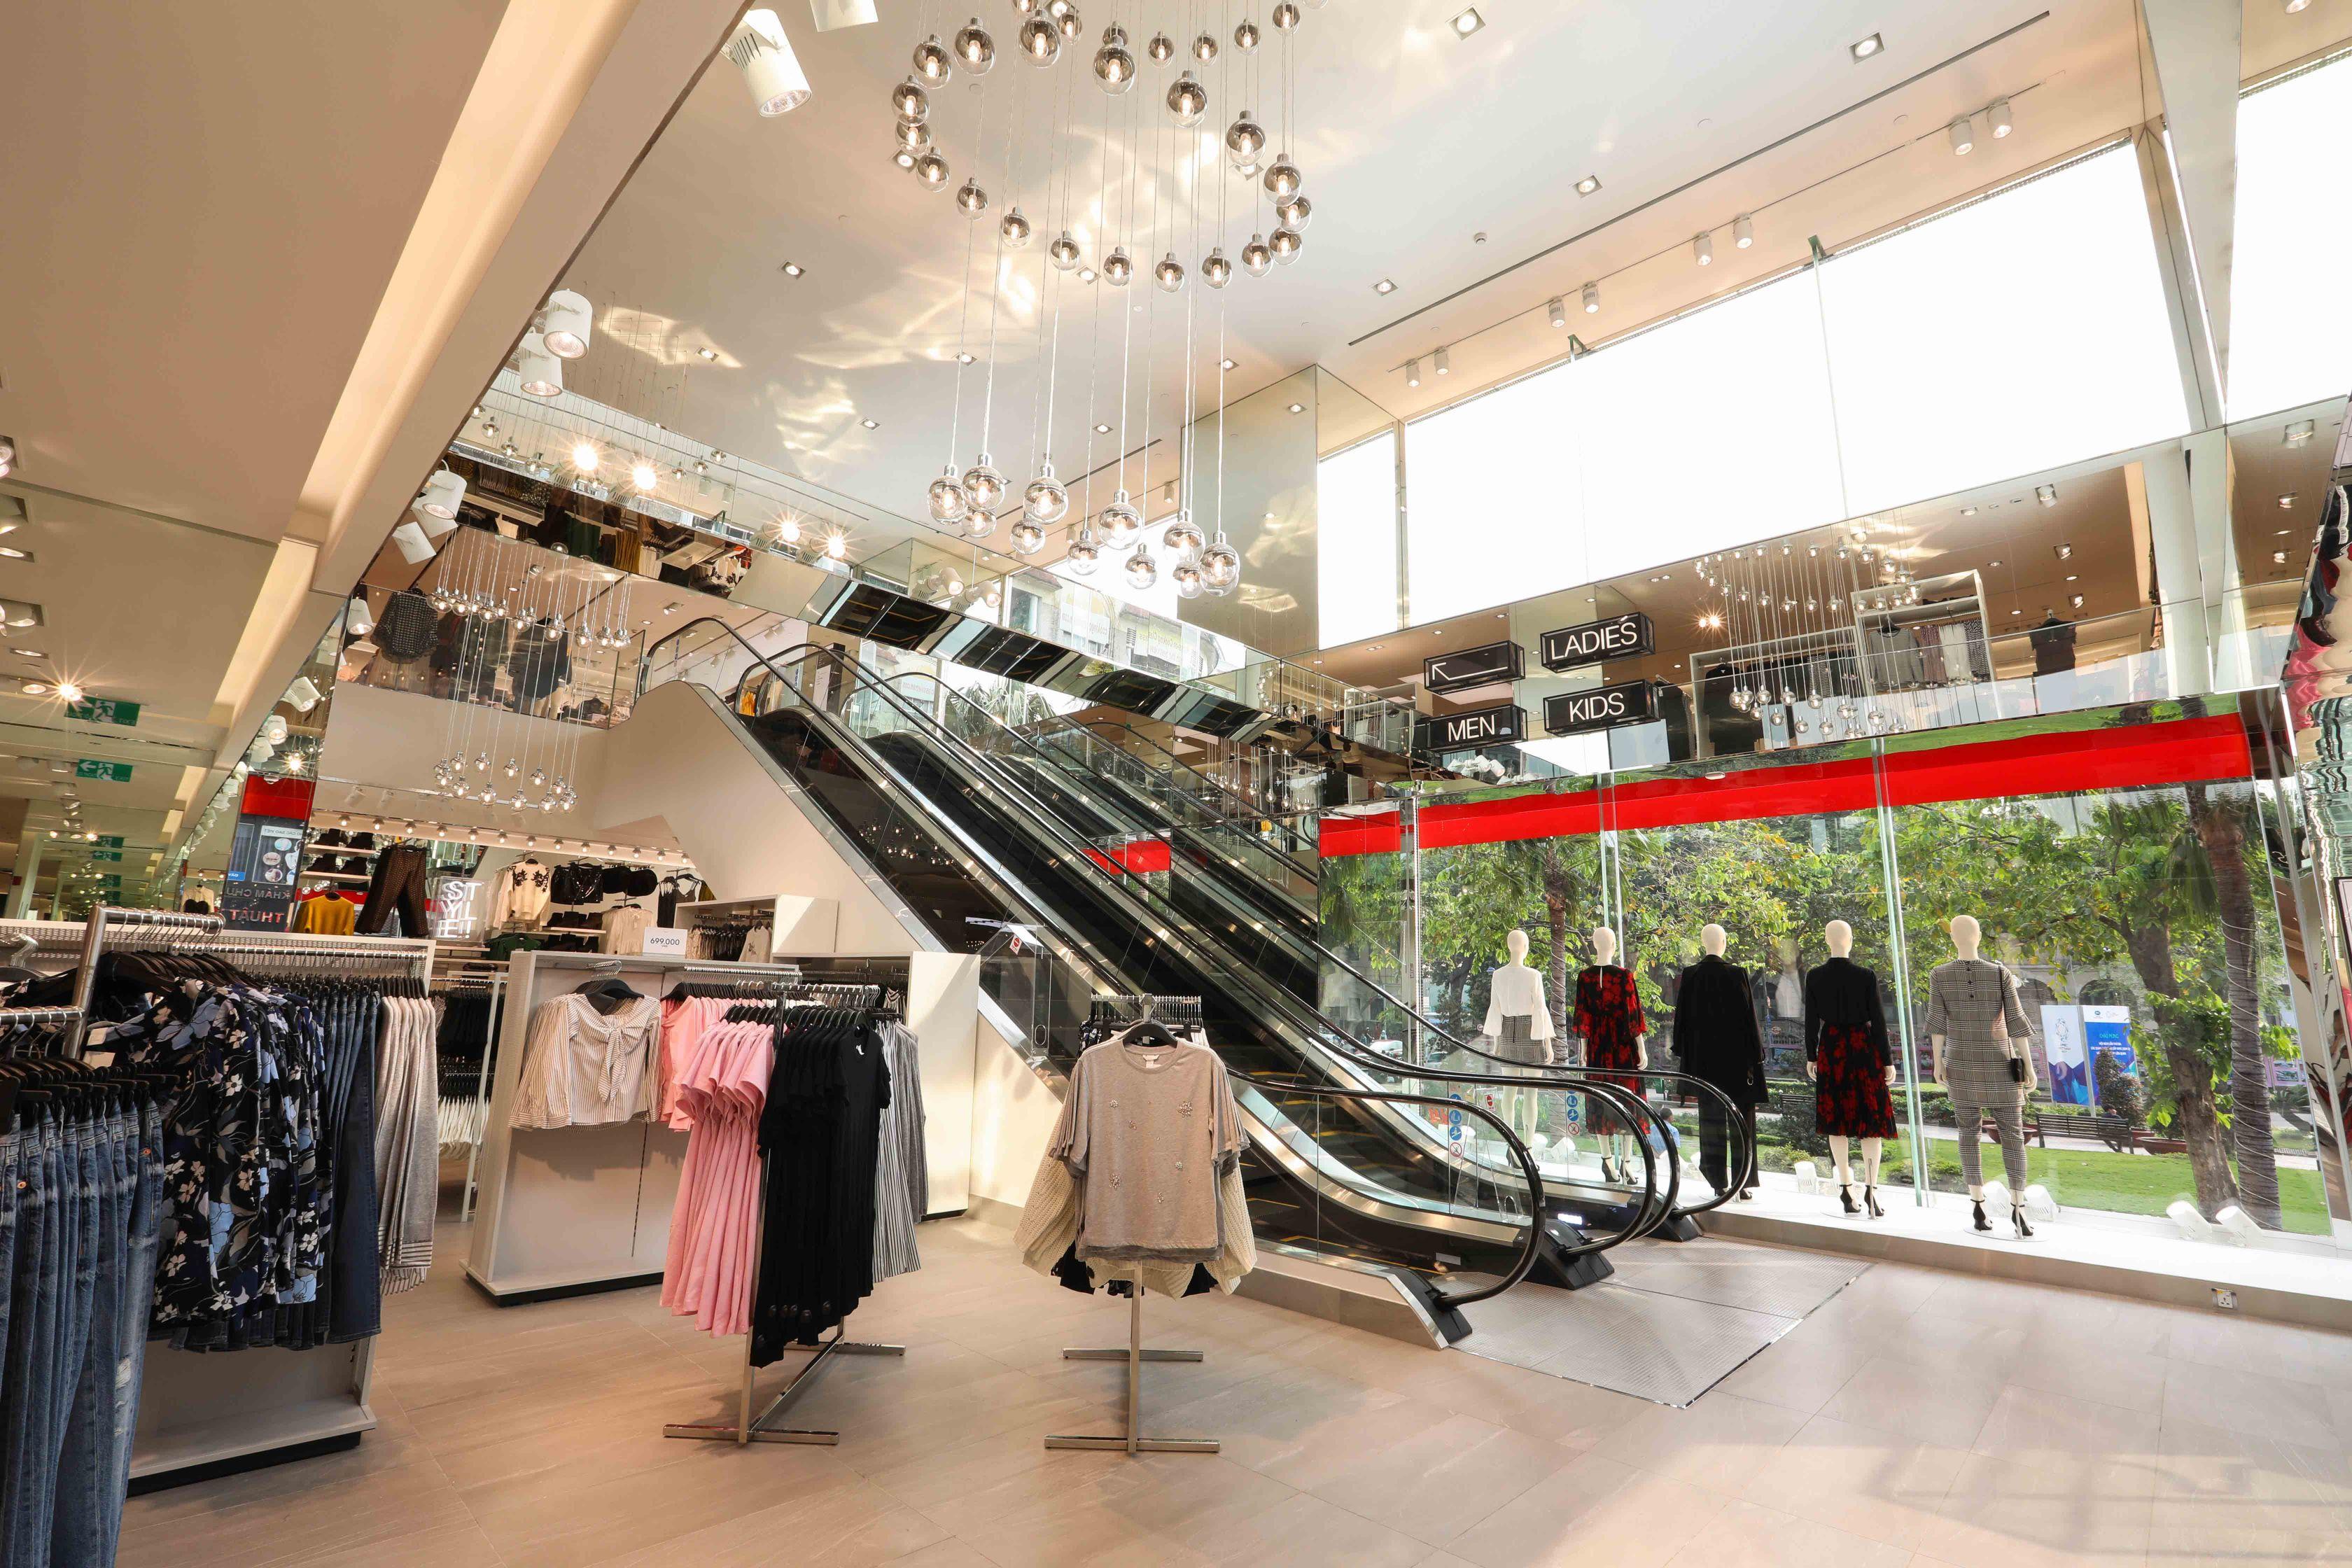 thời trang HM 1 H&M mở lại tất cả cửa hàng trên toàn quốc từ ngày 24/4